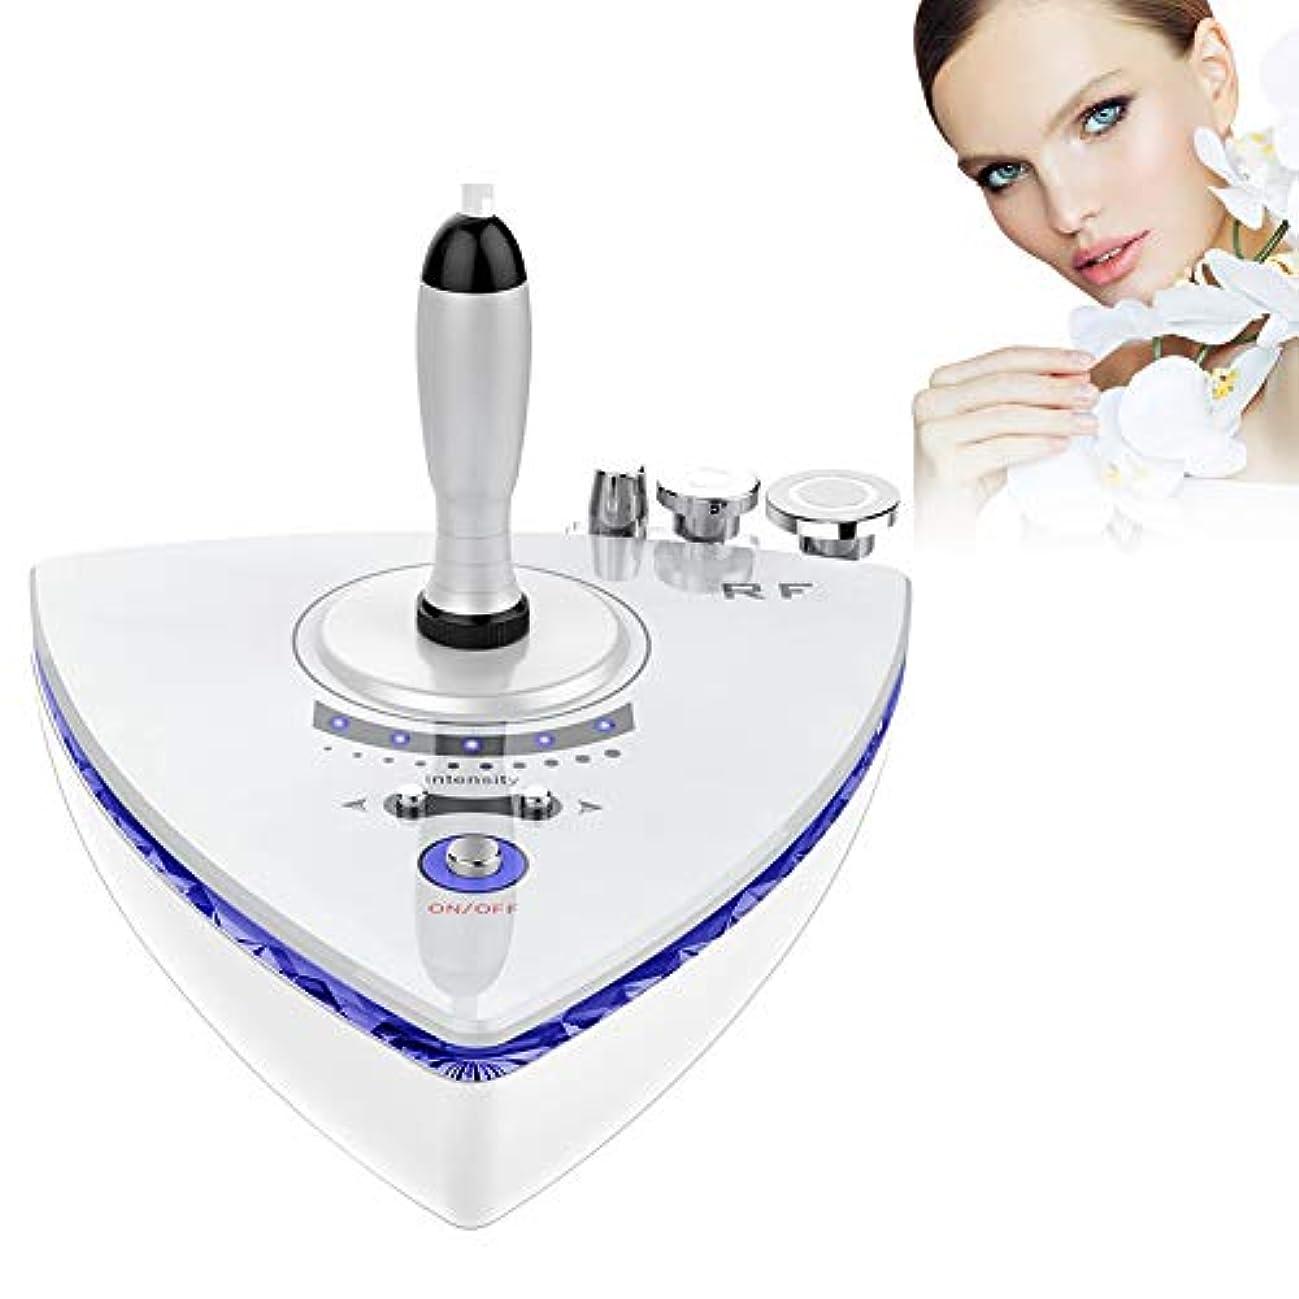 見捨てられたキノコメダリストマイクロスキン美容機、多機能美容機器フェイシャルアイリフトスキンホワイトニング (ホワイト)